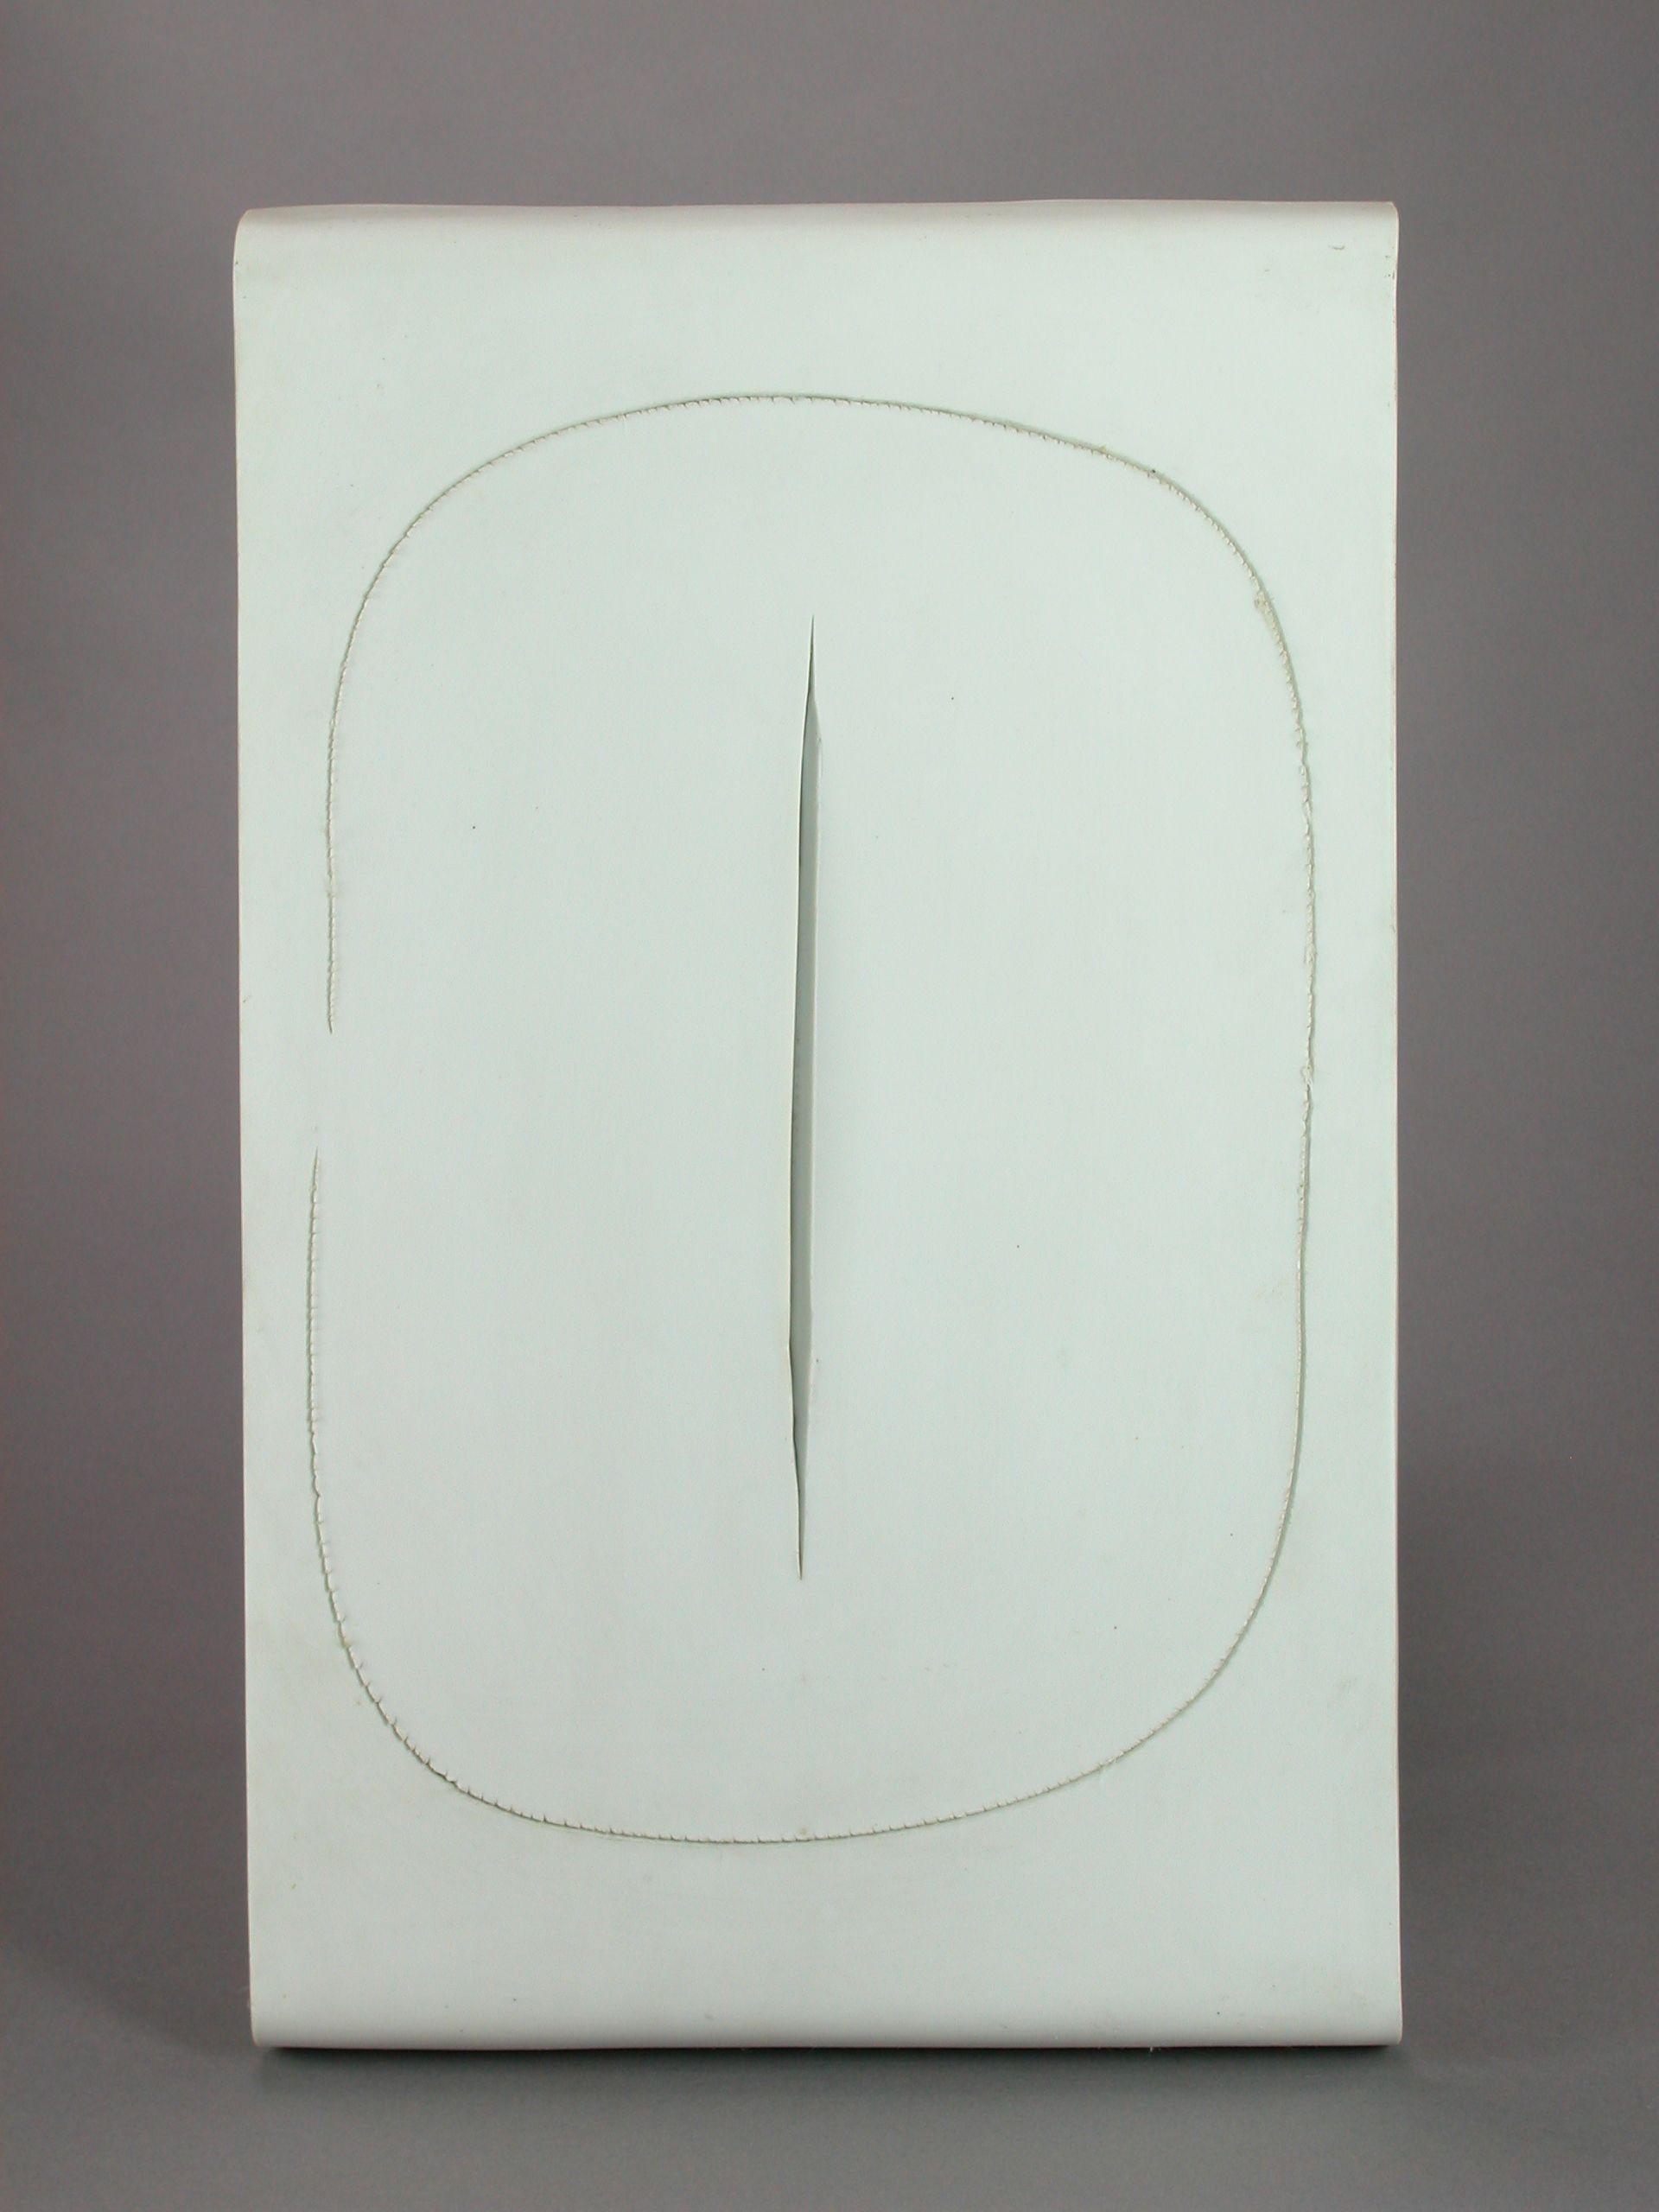 Lucio Fontana , Concetto spaziale Taglio